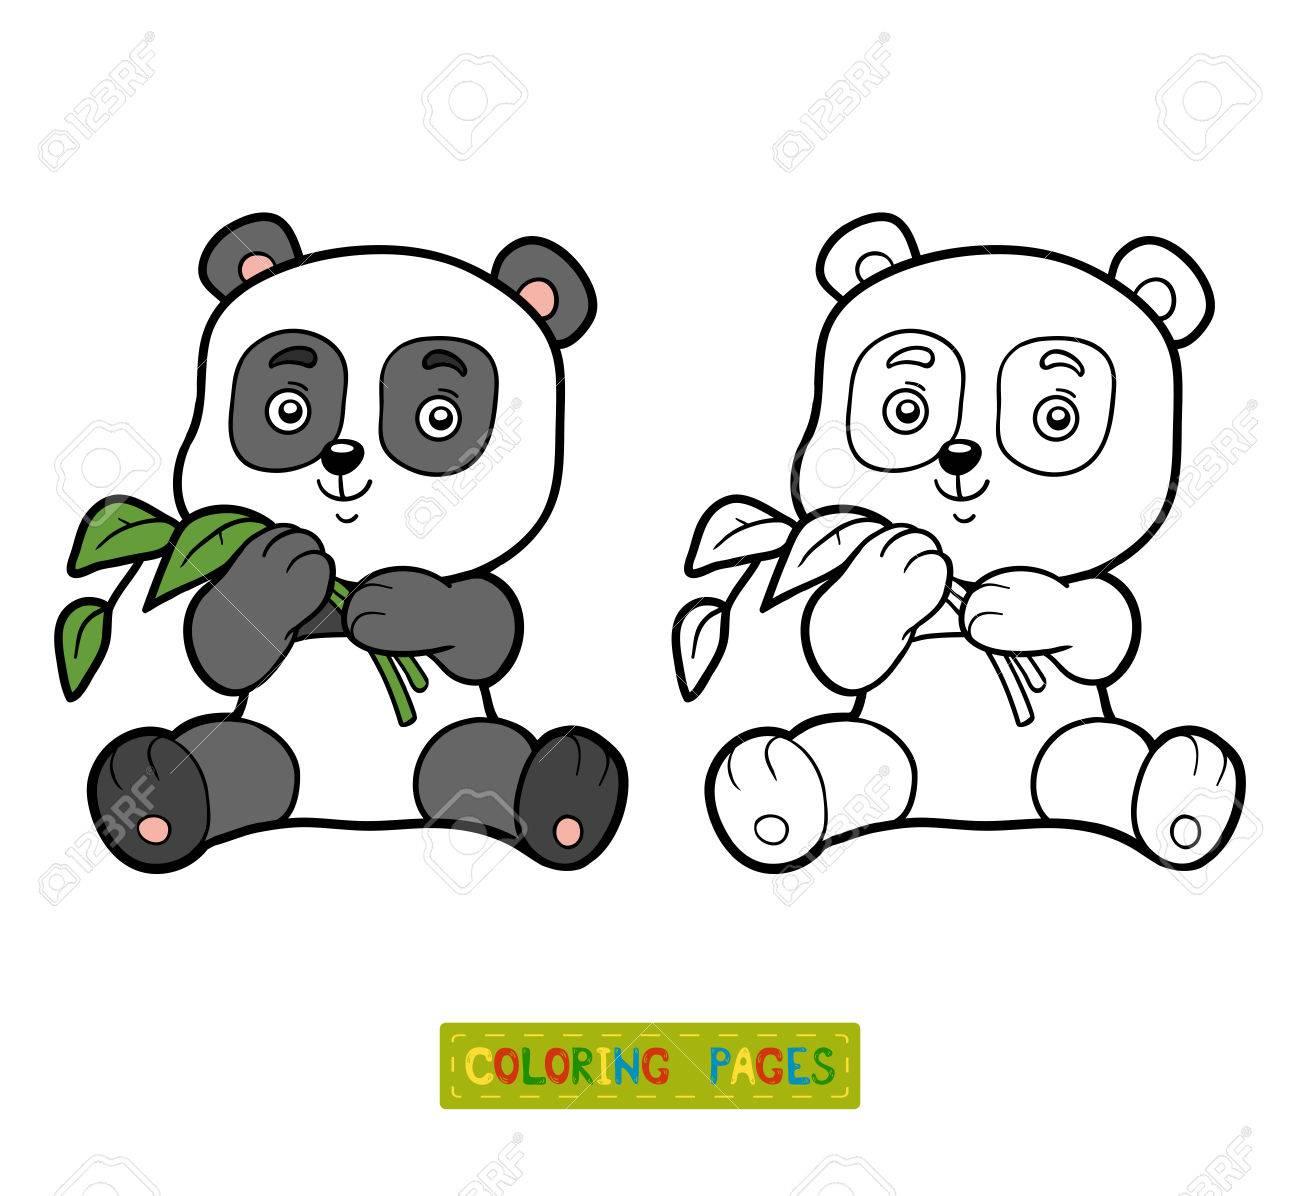 Malbuch Für Kinder, Malvorlage Mit Kleinem Panda Lizenzfrei Nutzbare ...